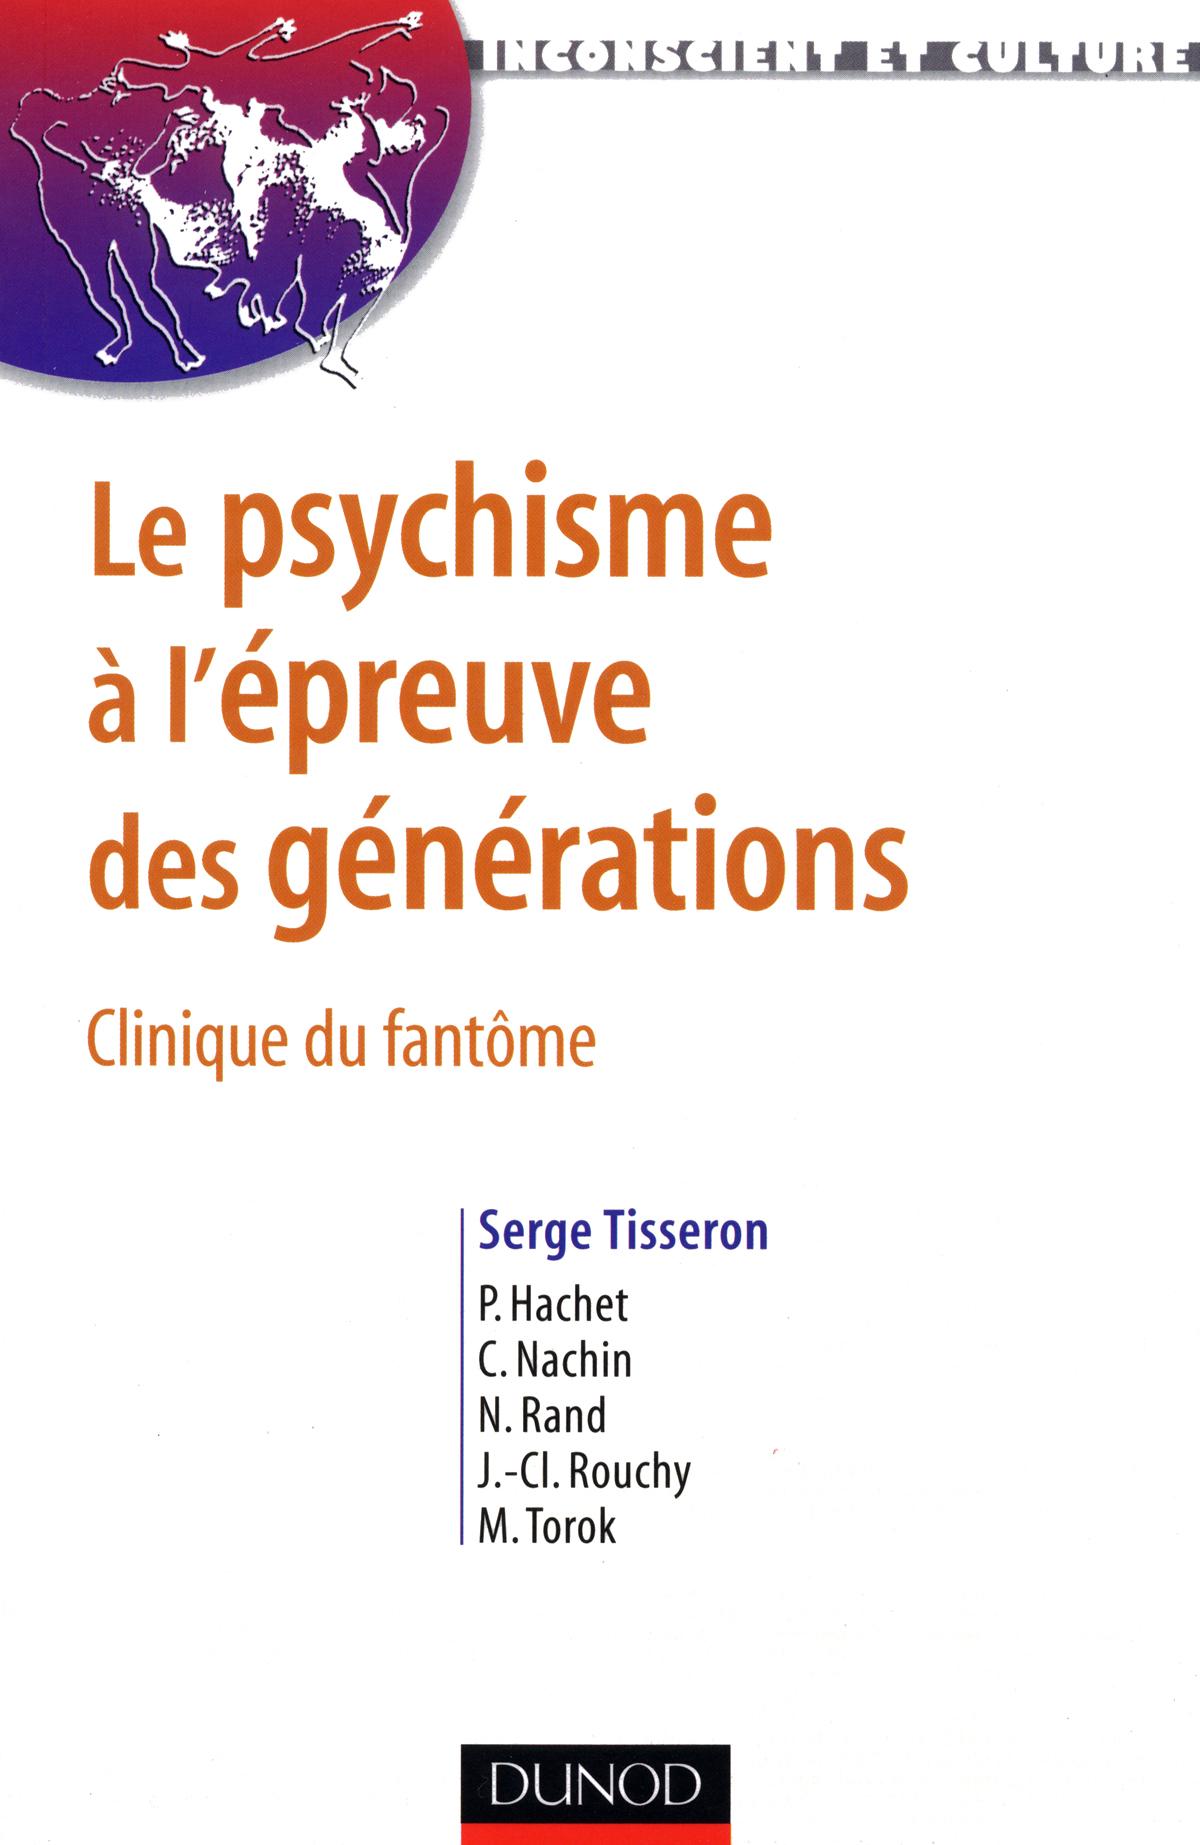 Le psychisme à l'épreuve des générations, clinique du fantôme